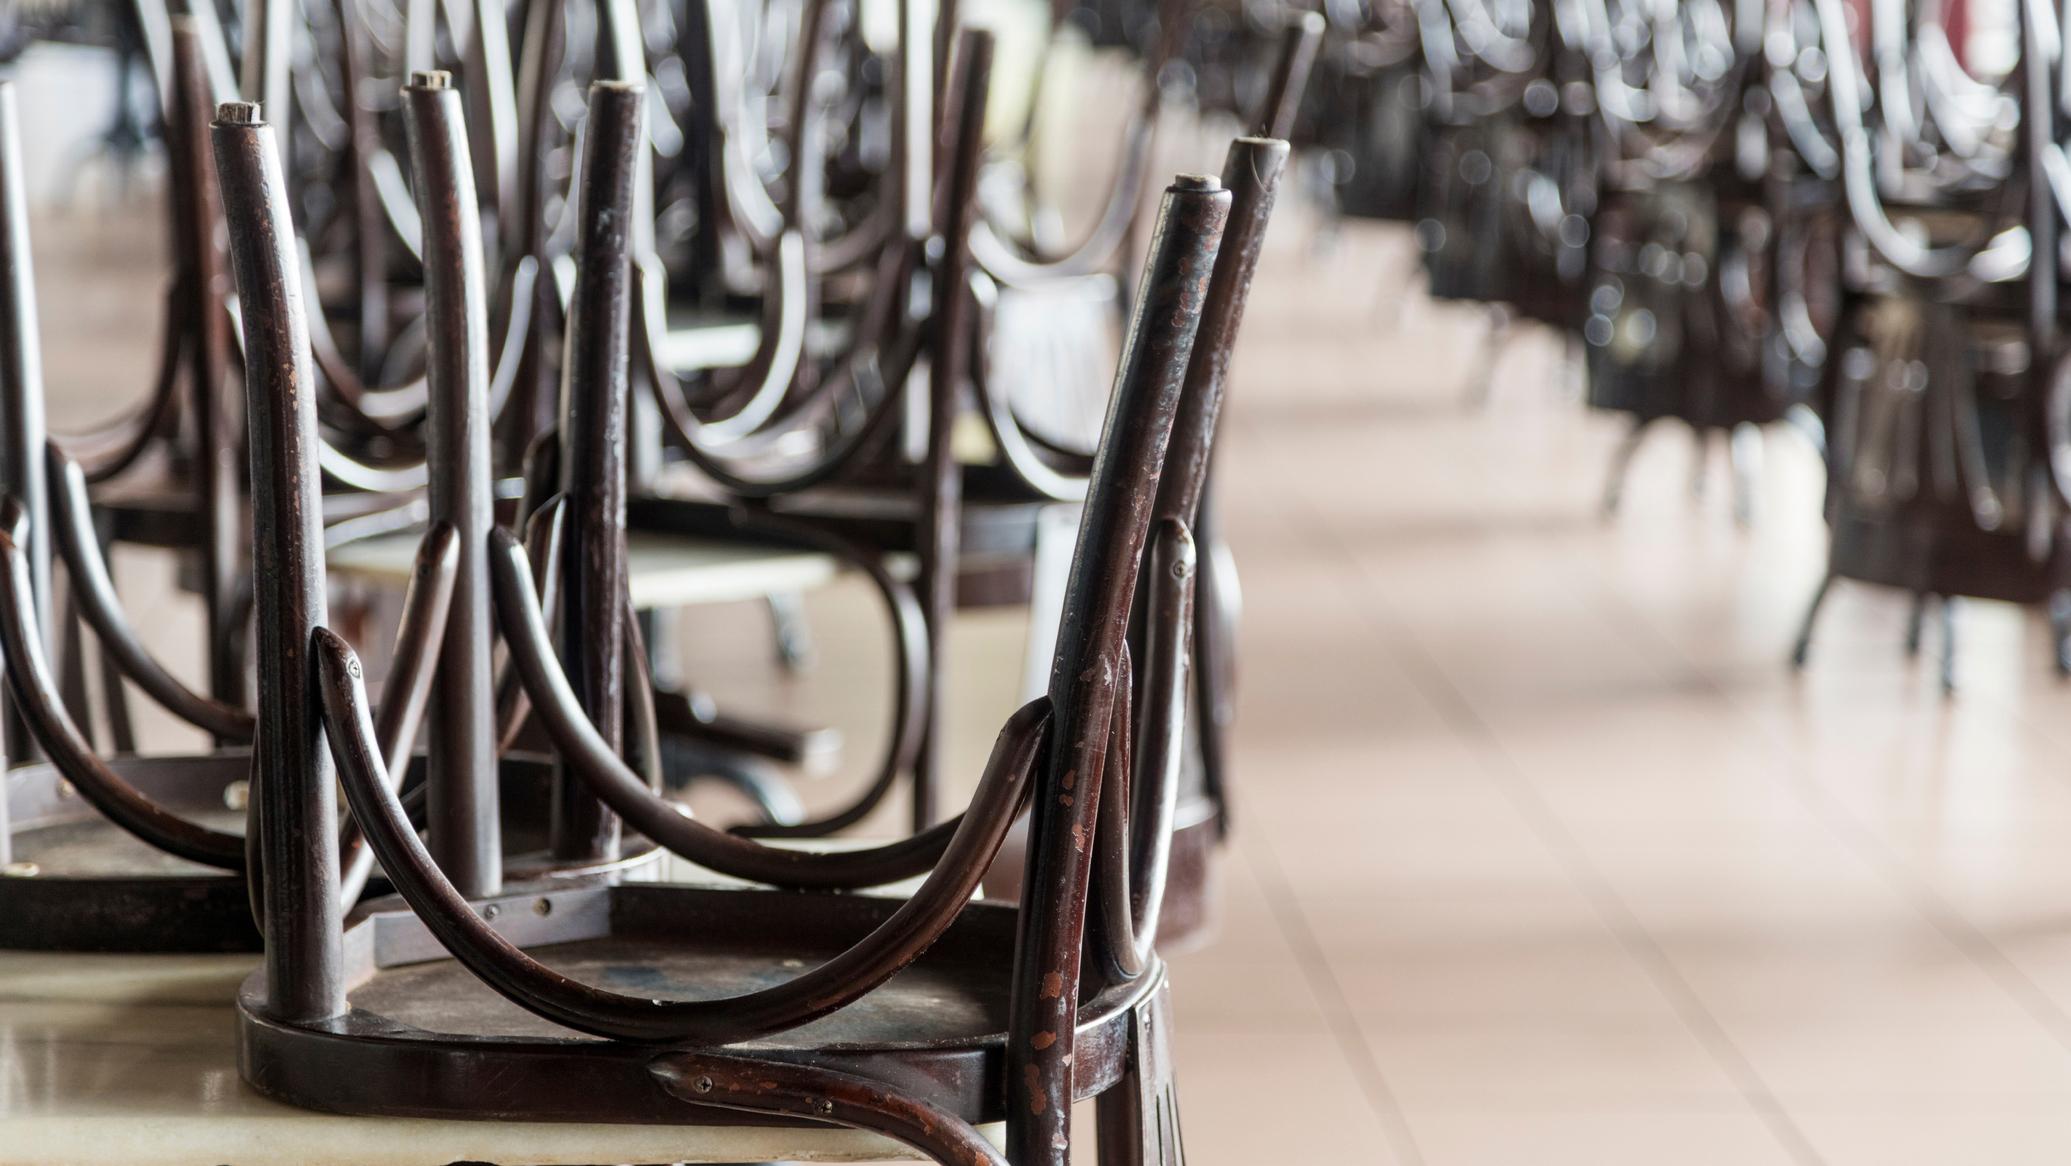 Matkailu- ja ravintola-alan rekrytoinnit ovat hiipuneet.